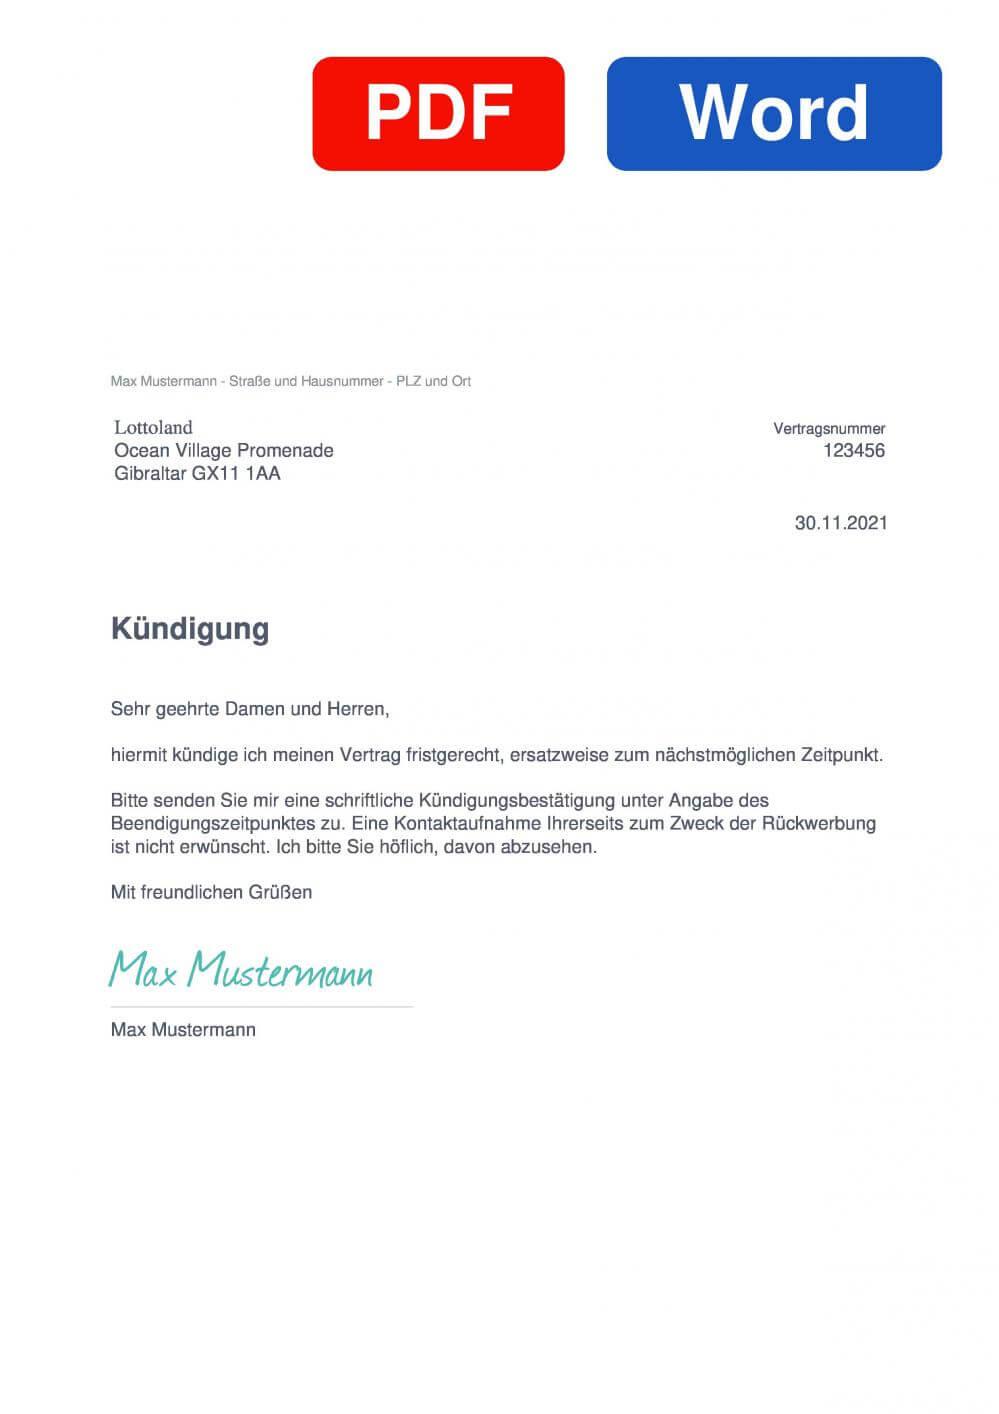 Lottoland Muster Vorlage für Kündigungsschreiben